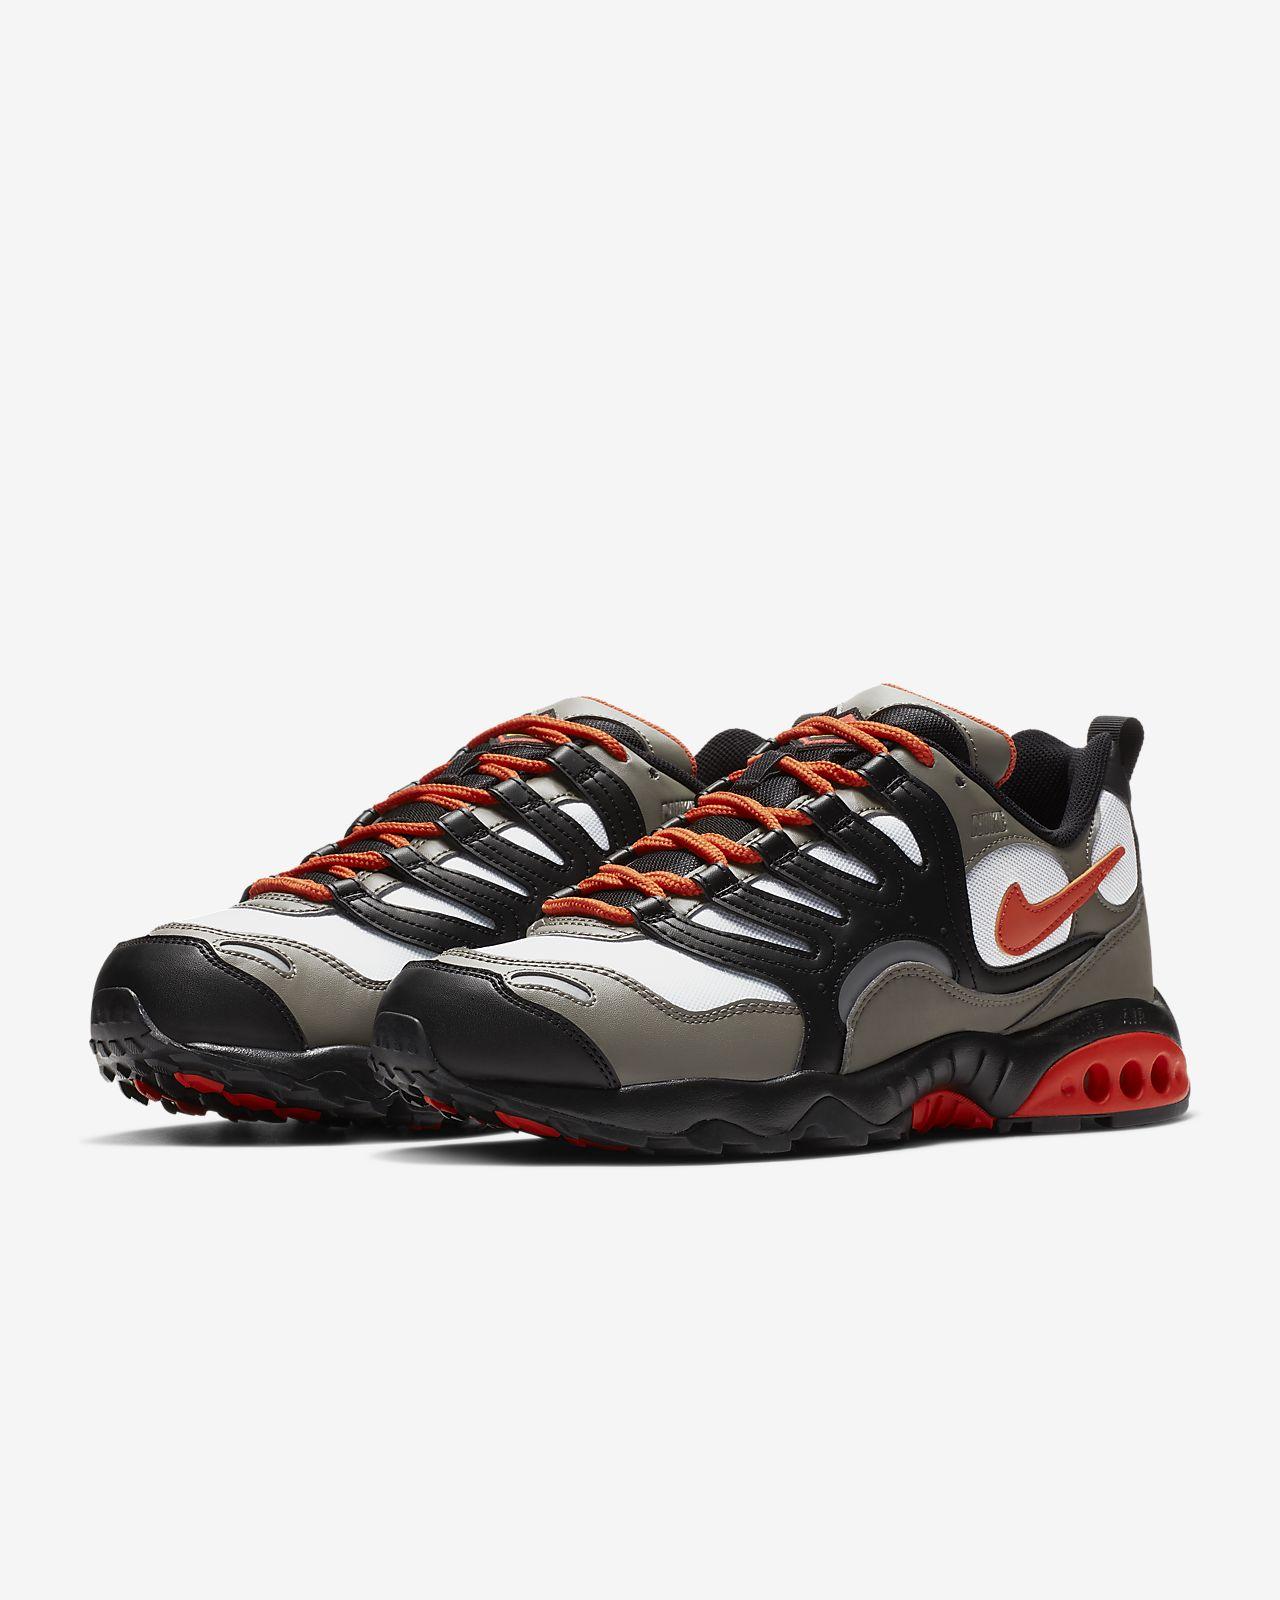 official photos 40be6 3bb26 ... Chaussure Nike Air Terra Humara 18 pour Homme